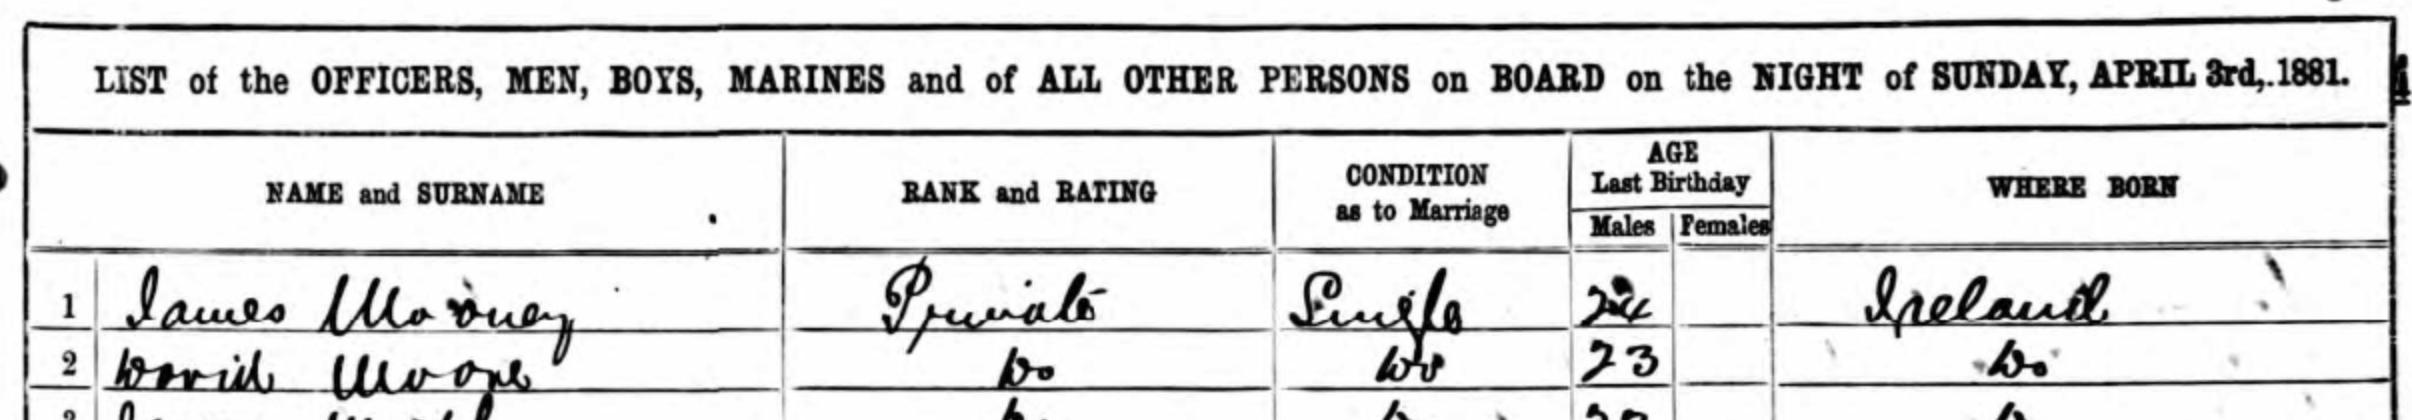 census pic